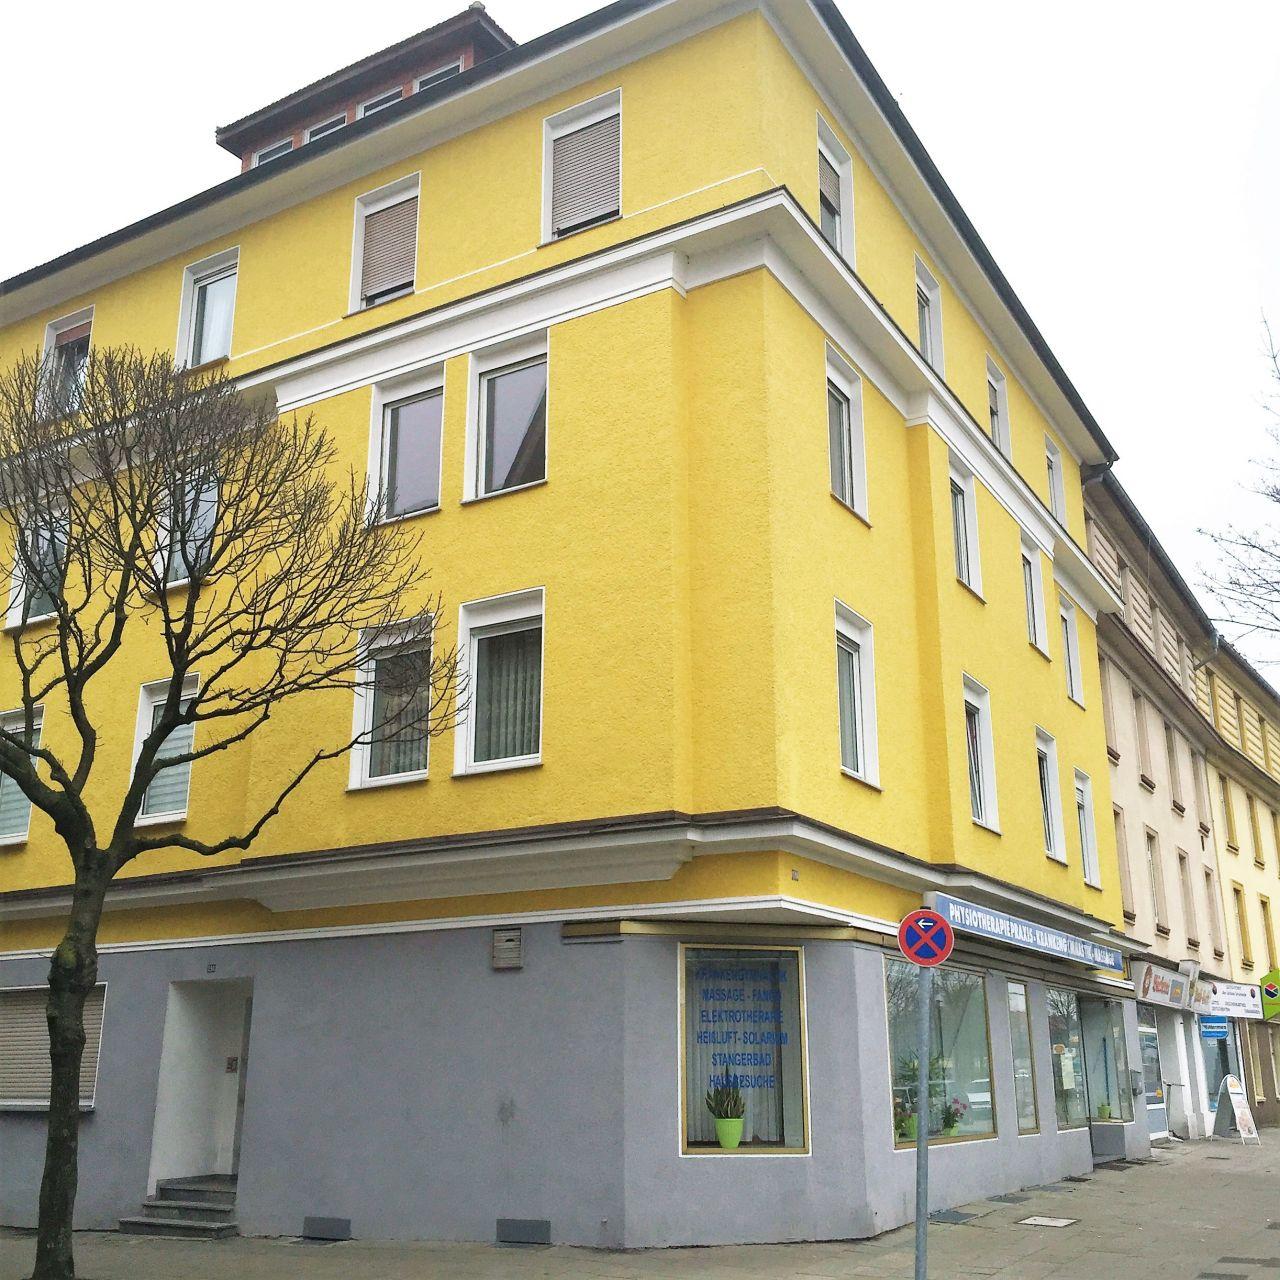 Квартира в земле Северный Рейн-Вестфалия, Германия, 67 м2 - фото 1